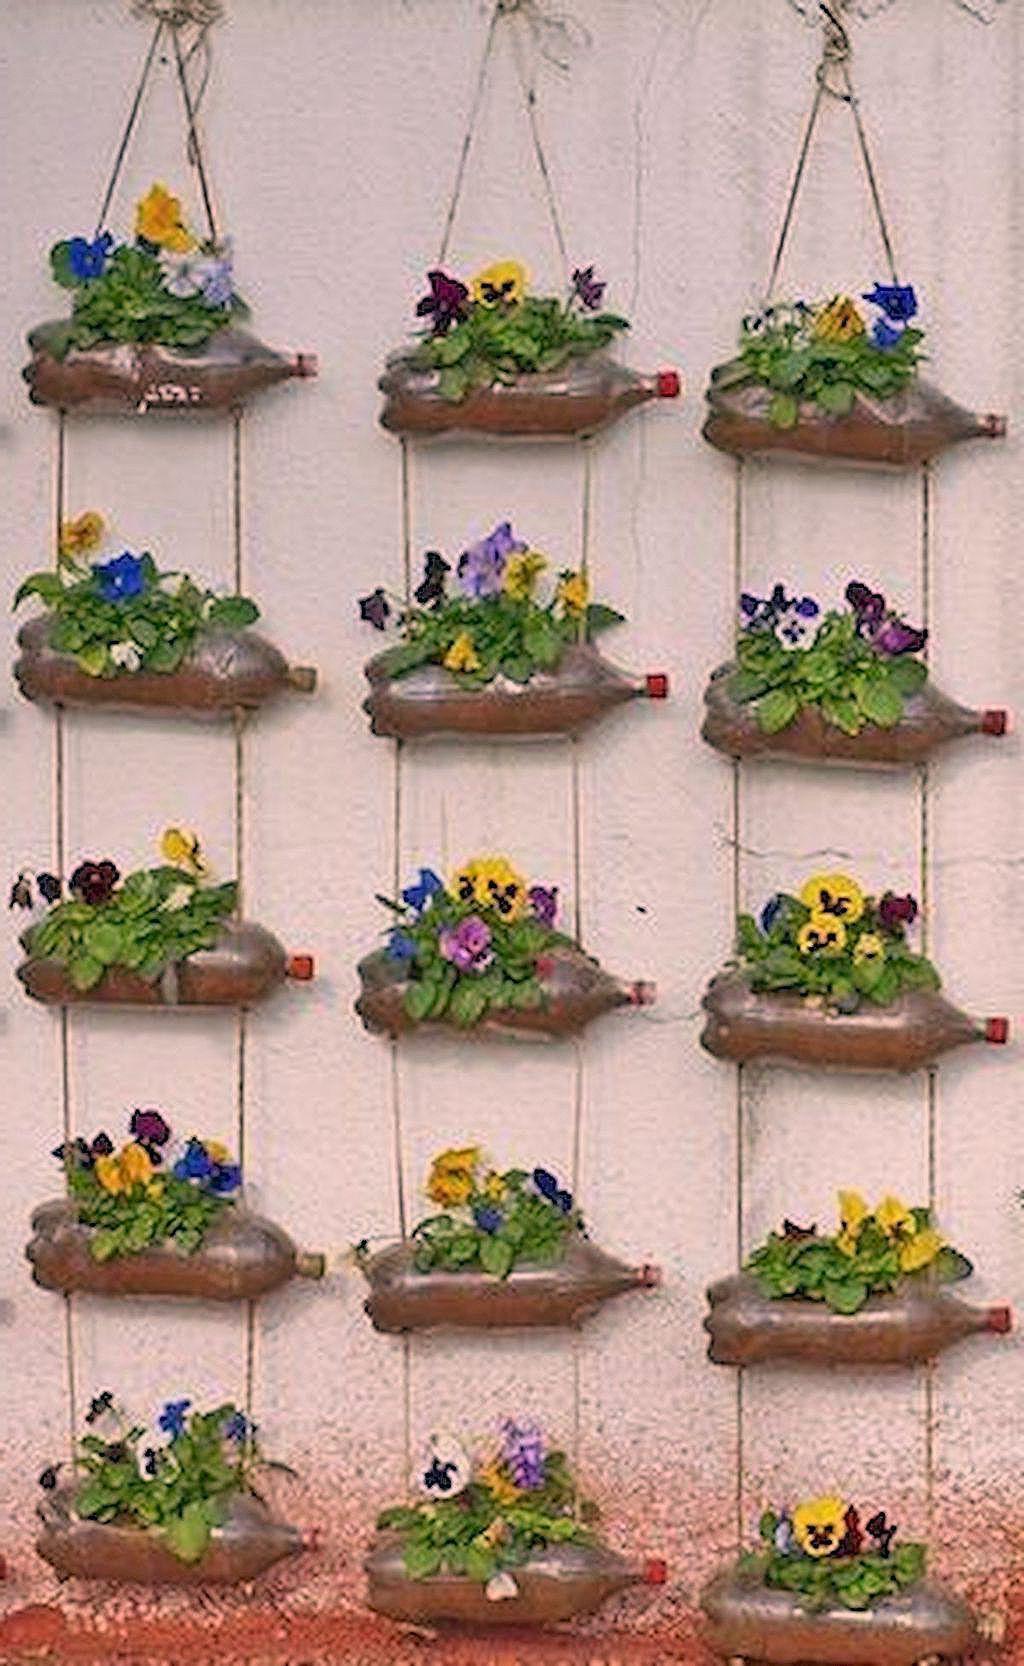 80 Creative Diy Vertical Garden Design Ideas Vertikaler Garten Diy Vertikaler Garten Gartendesign Ideen